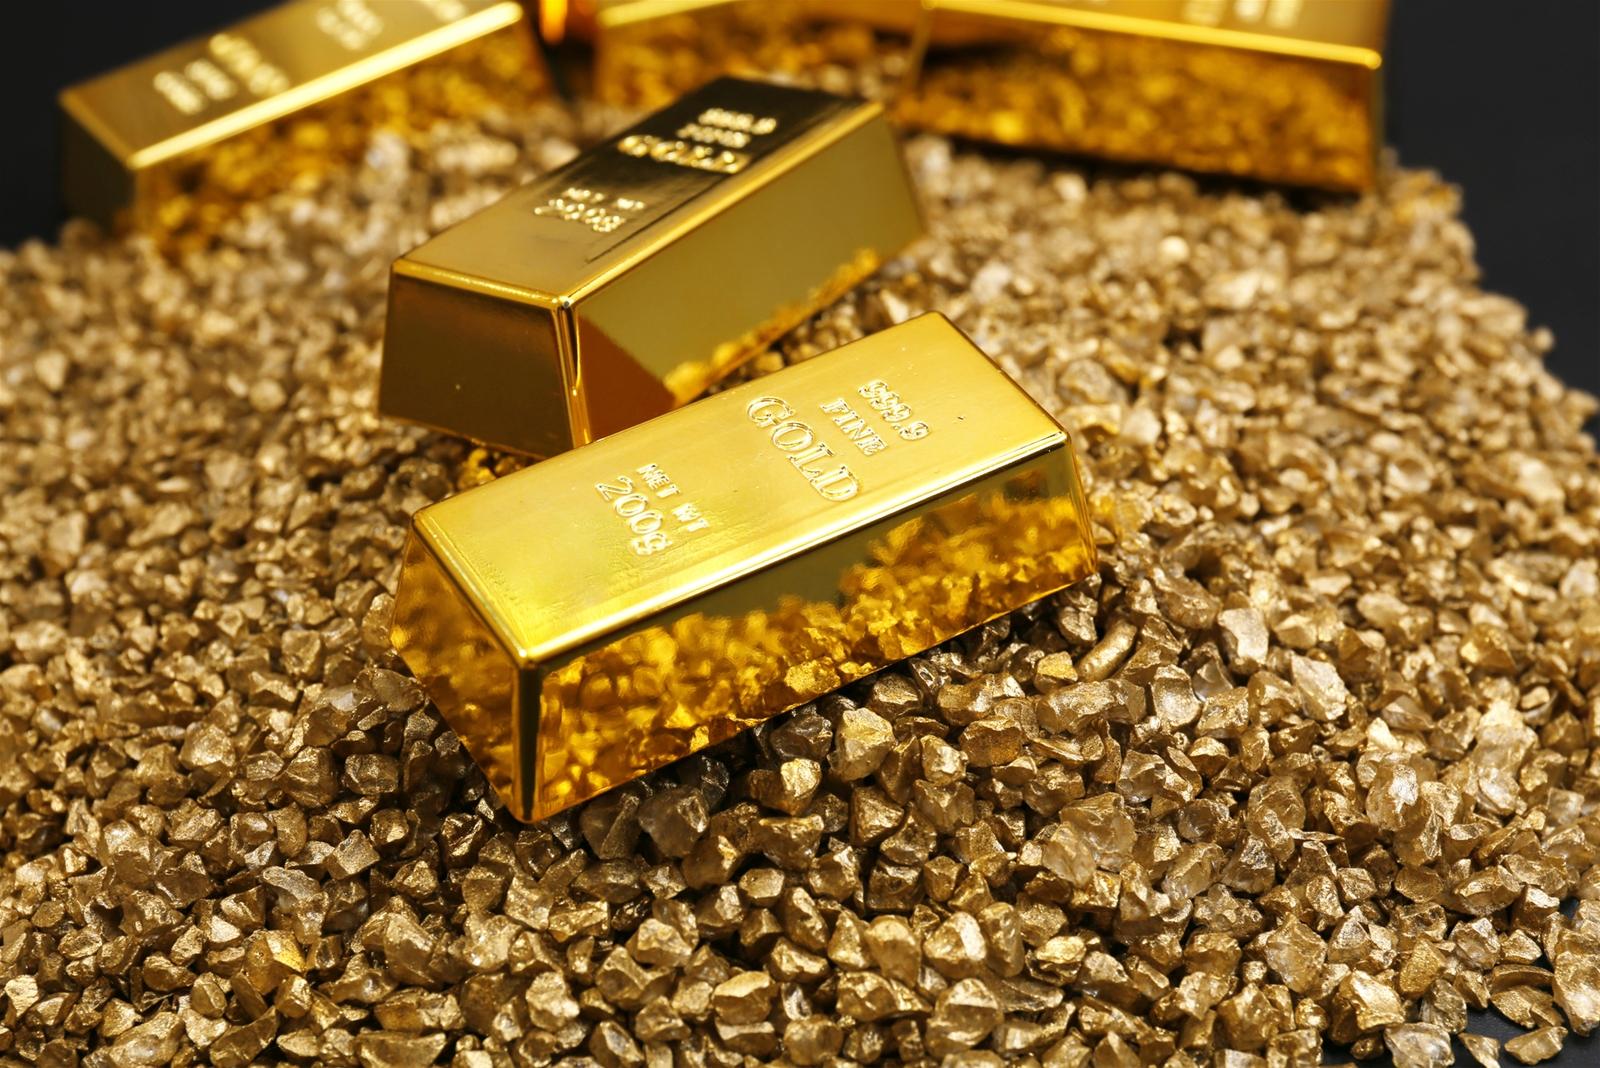 Giá vàng hôm nay 6/4: Vàng tăng nhẹ phiên đầu tuần